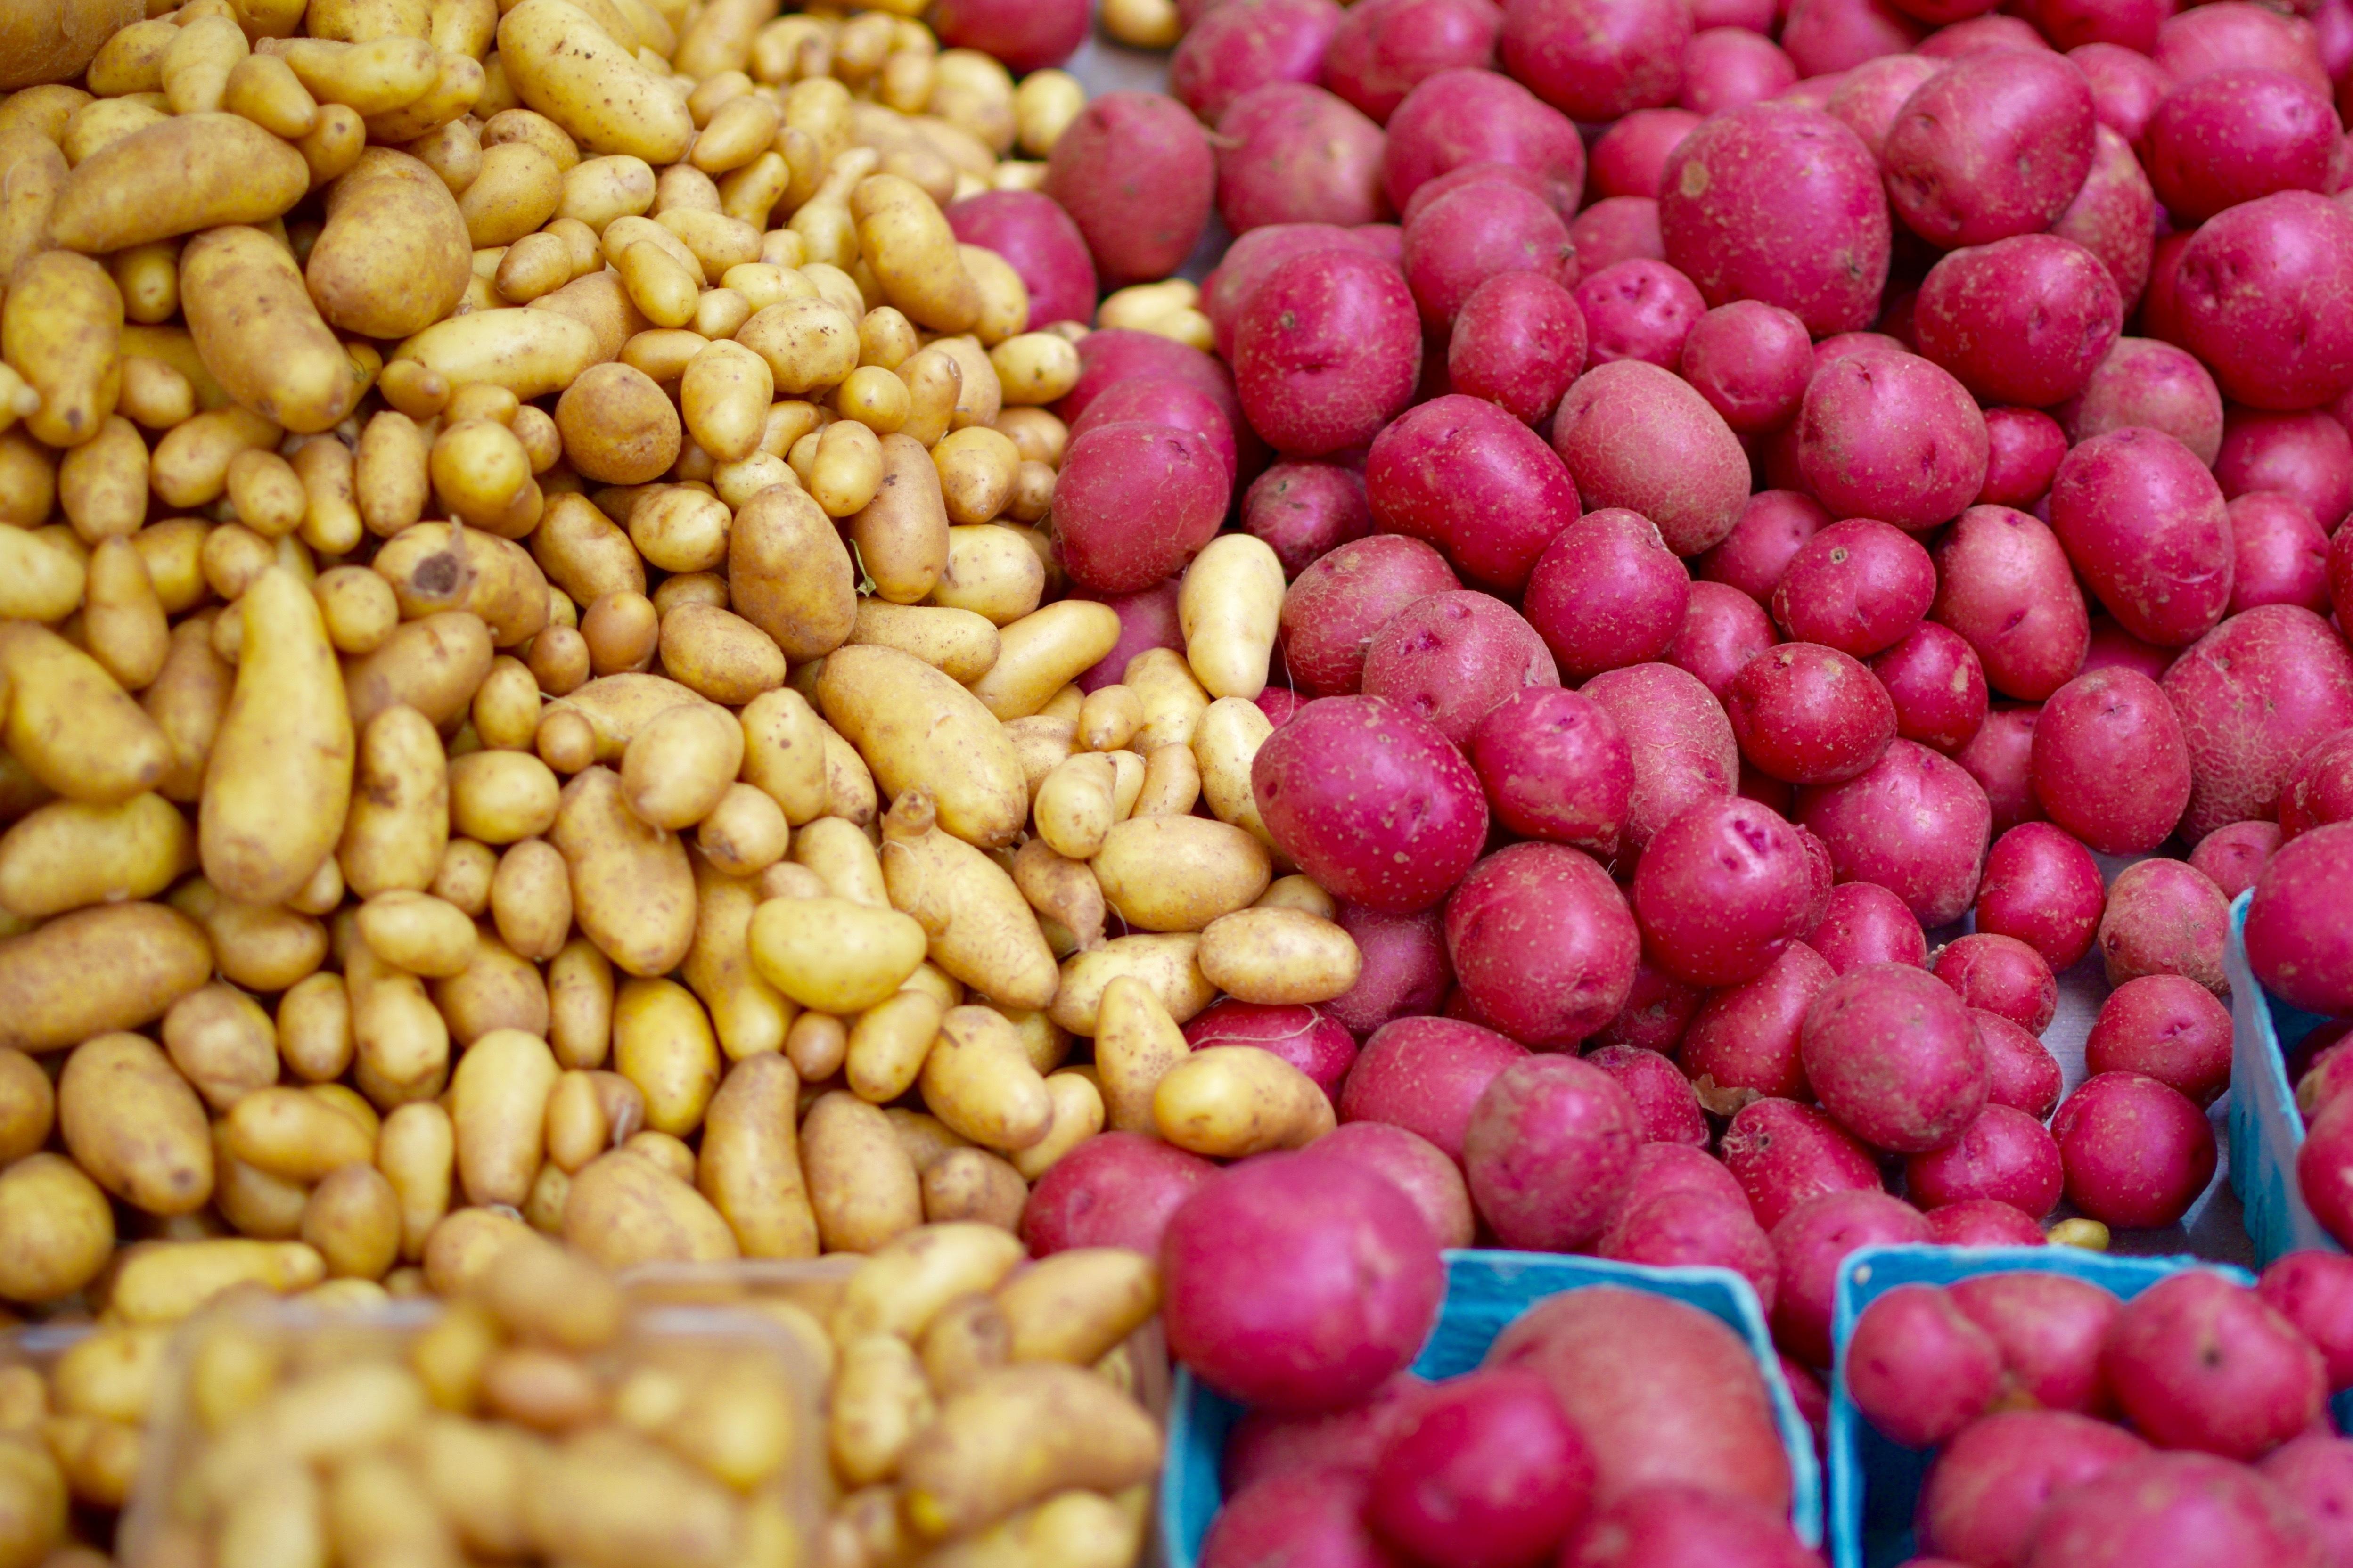 potatoes_outdoor-6.jpg#asset:2184